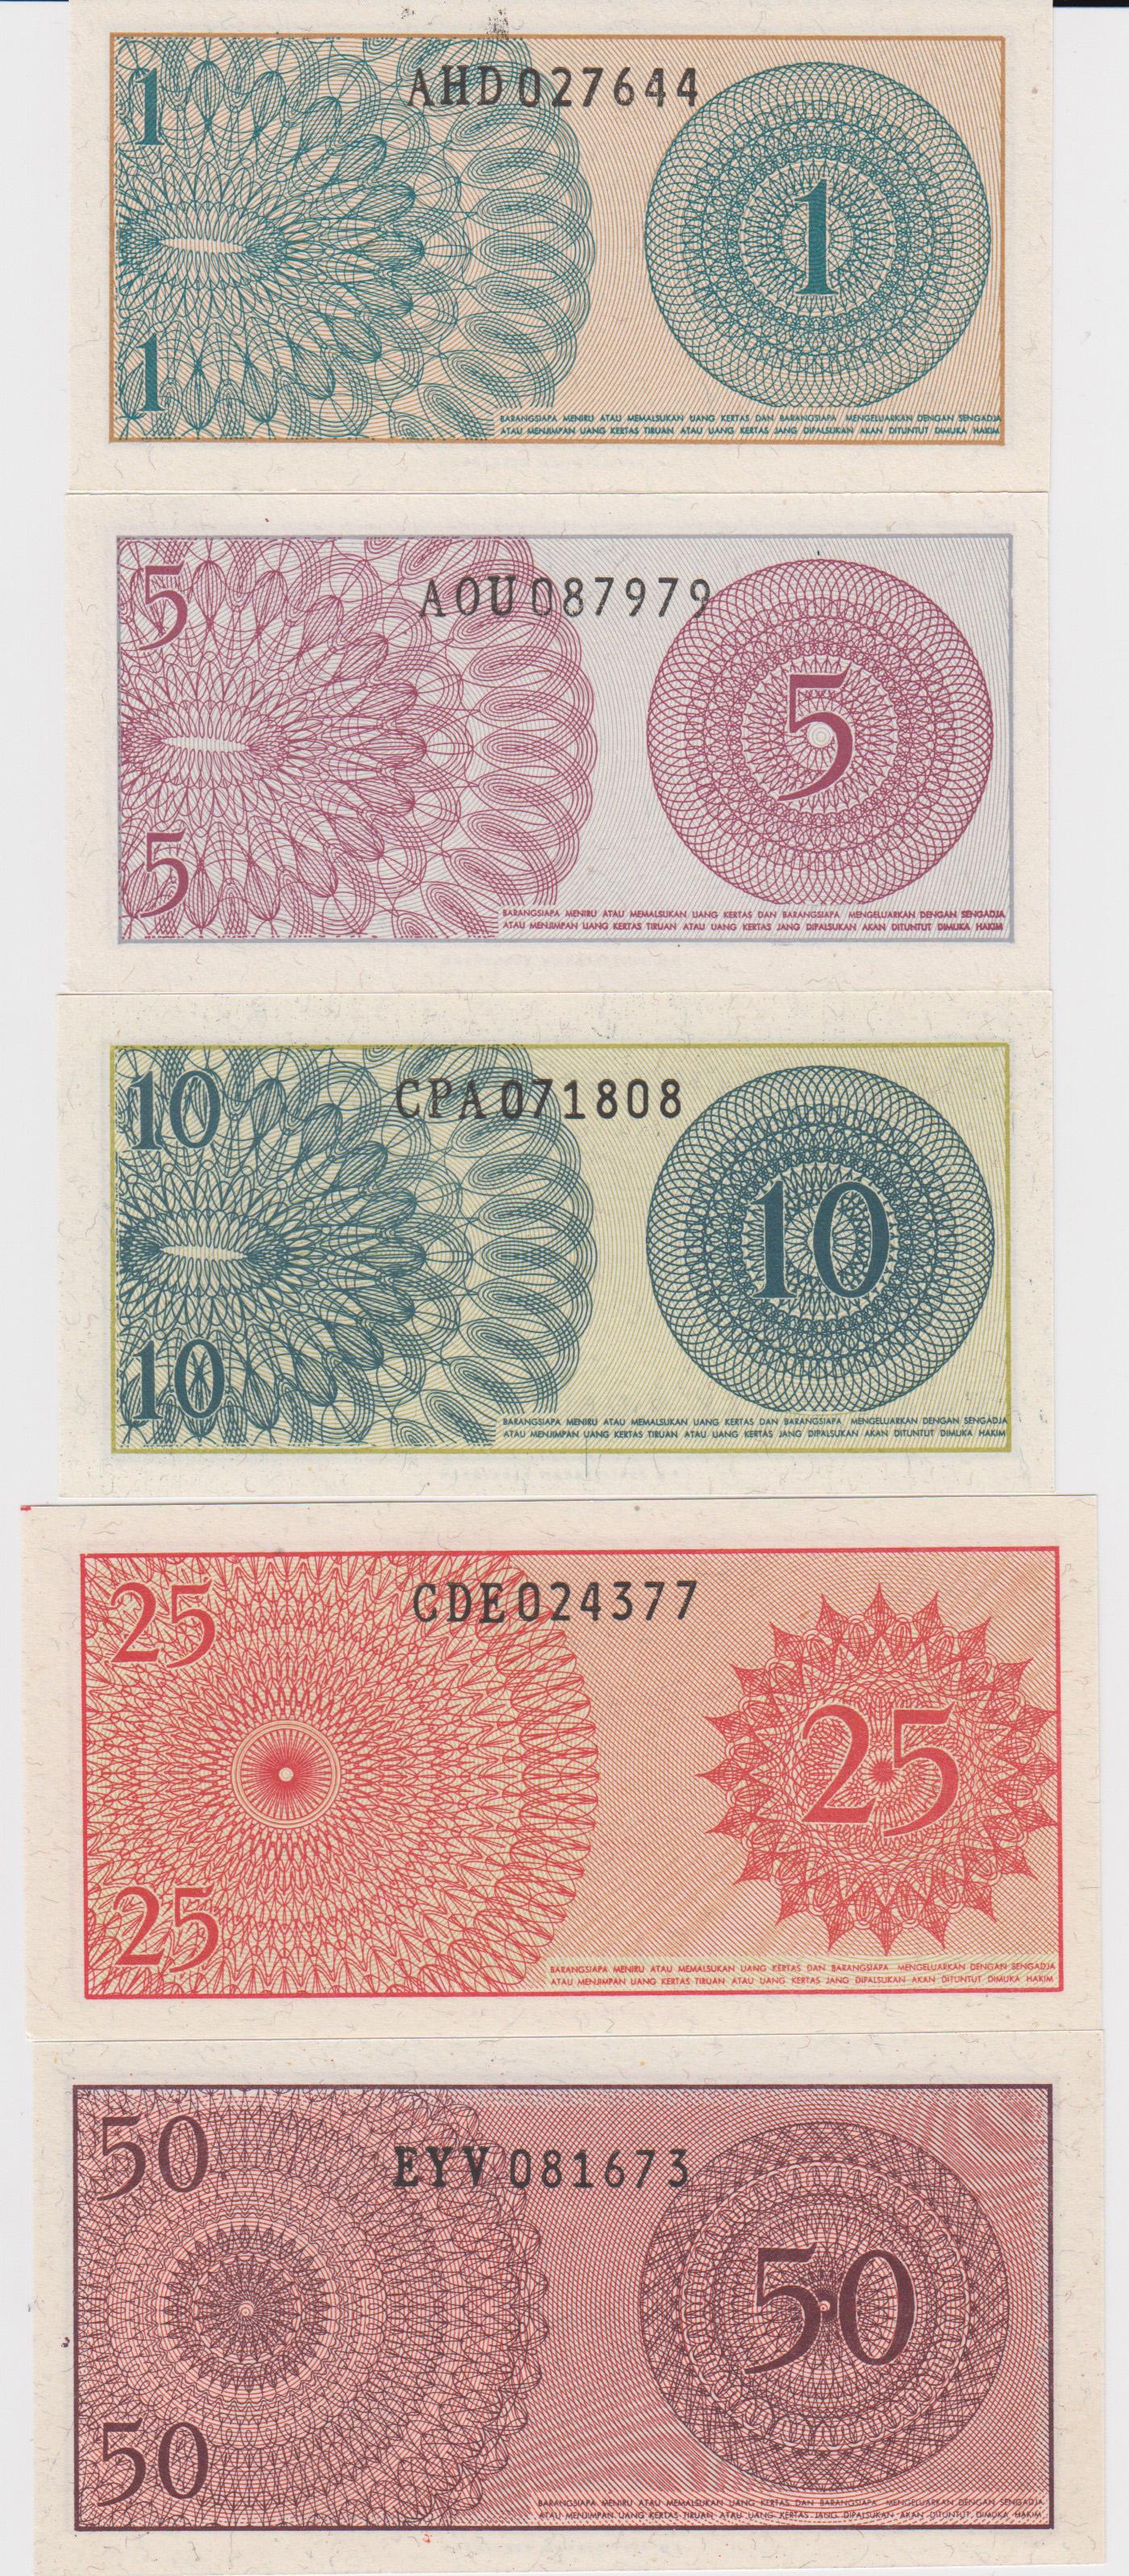 UNC P-94 Banknotes Indonesia 50 Sen 1964